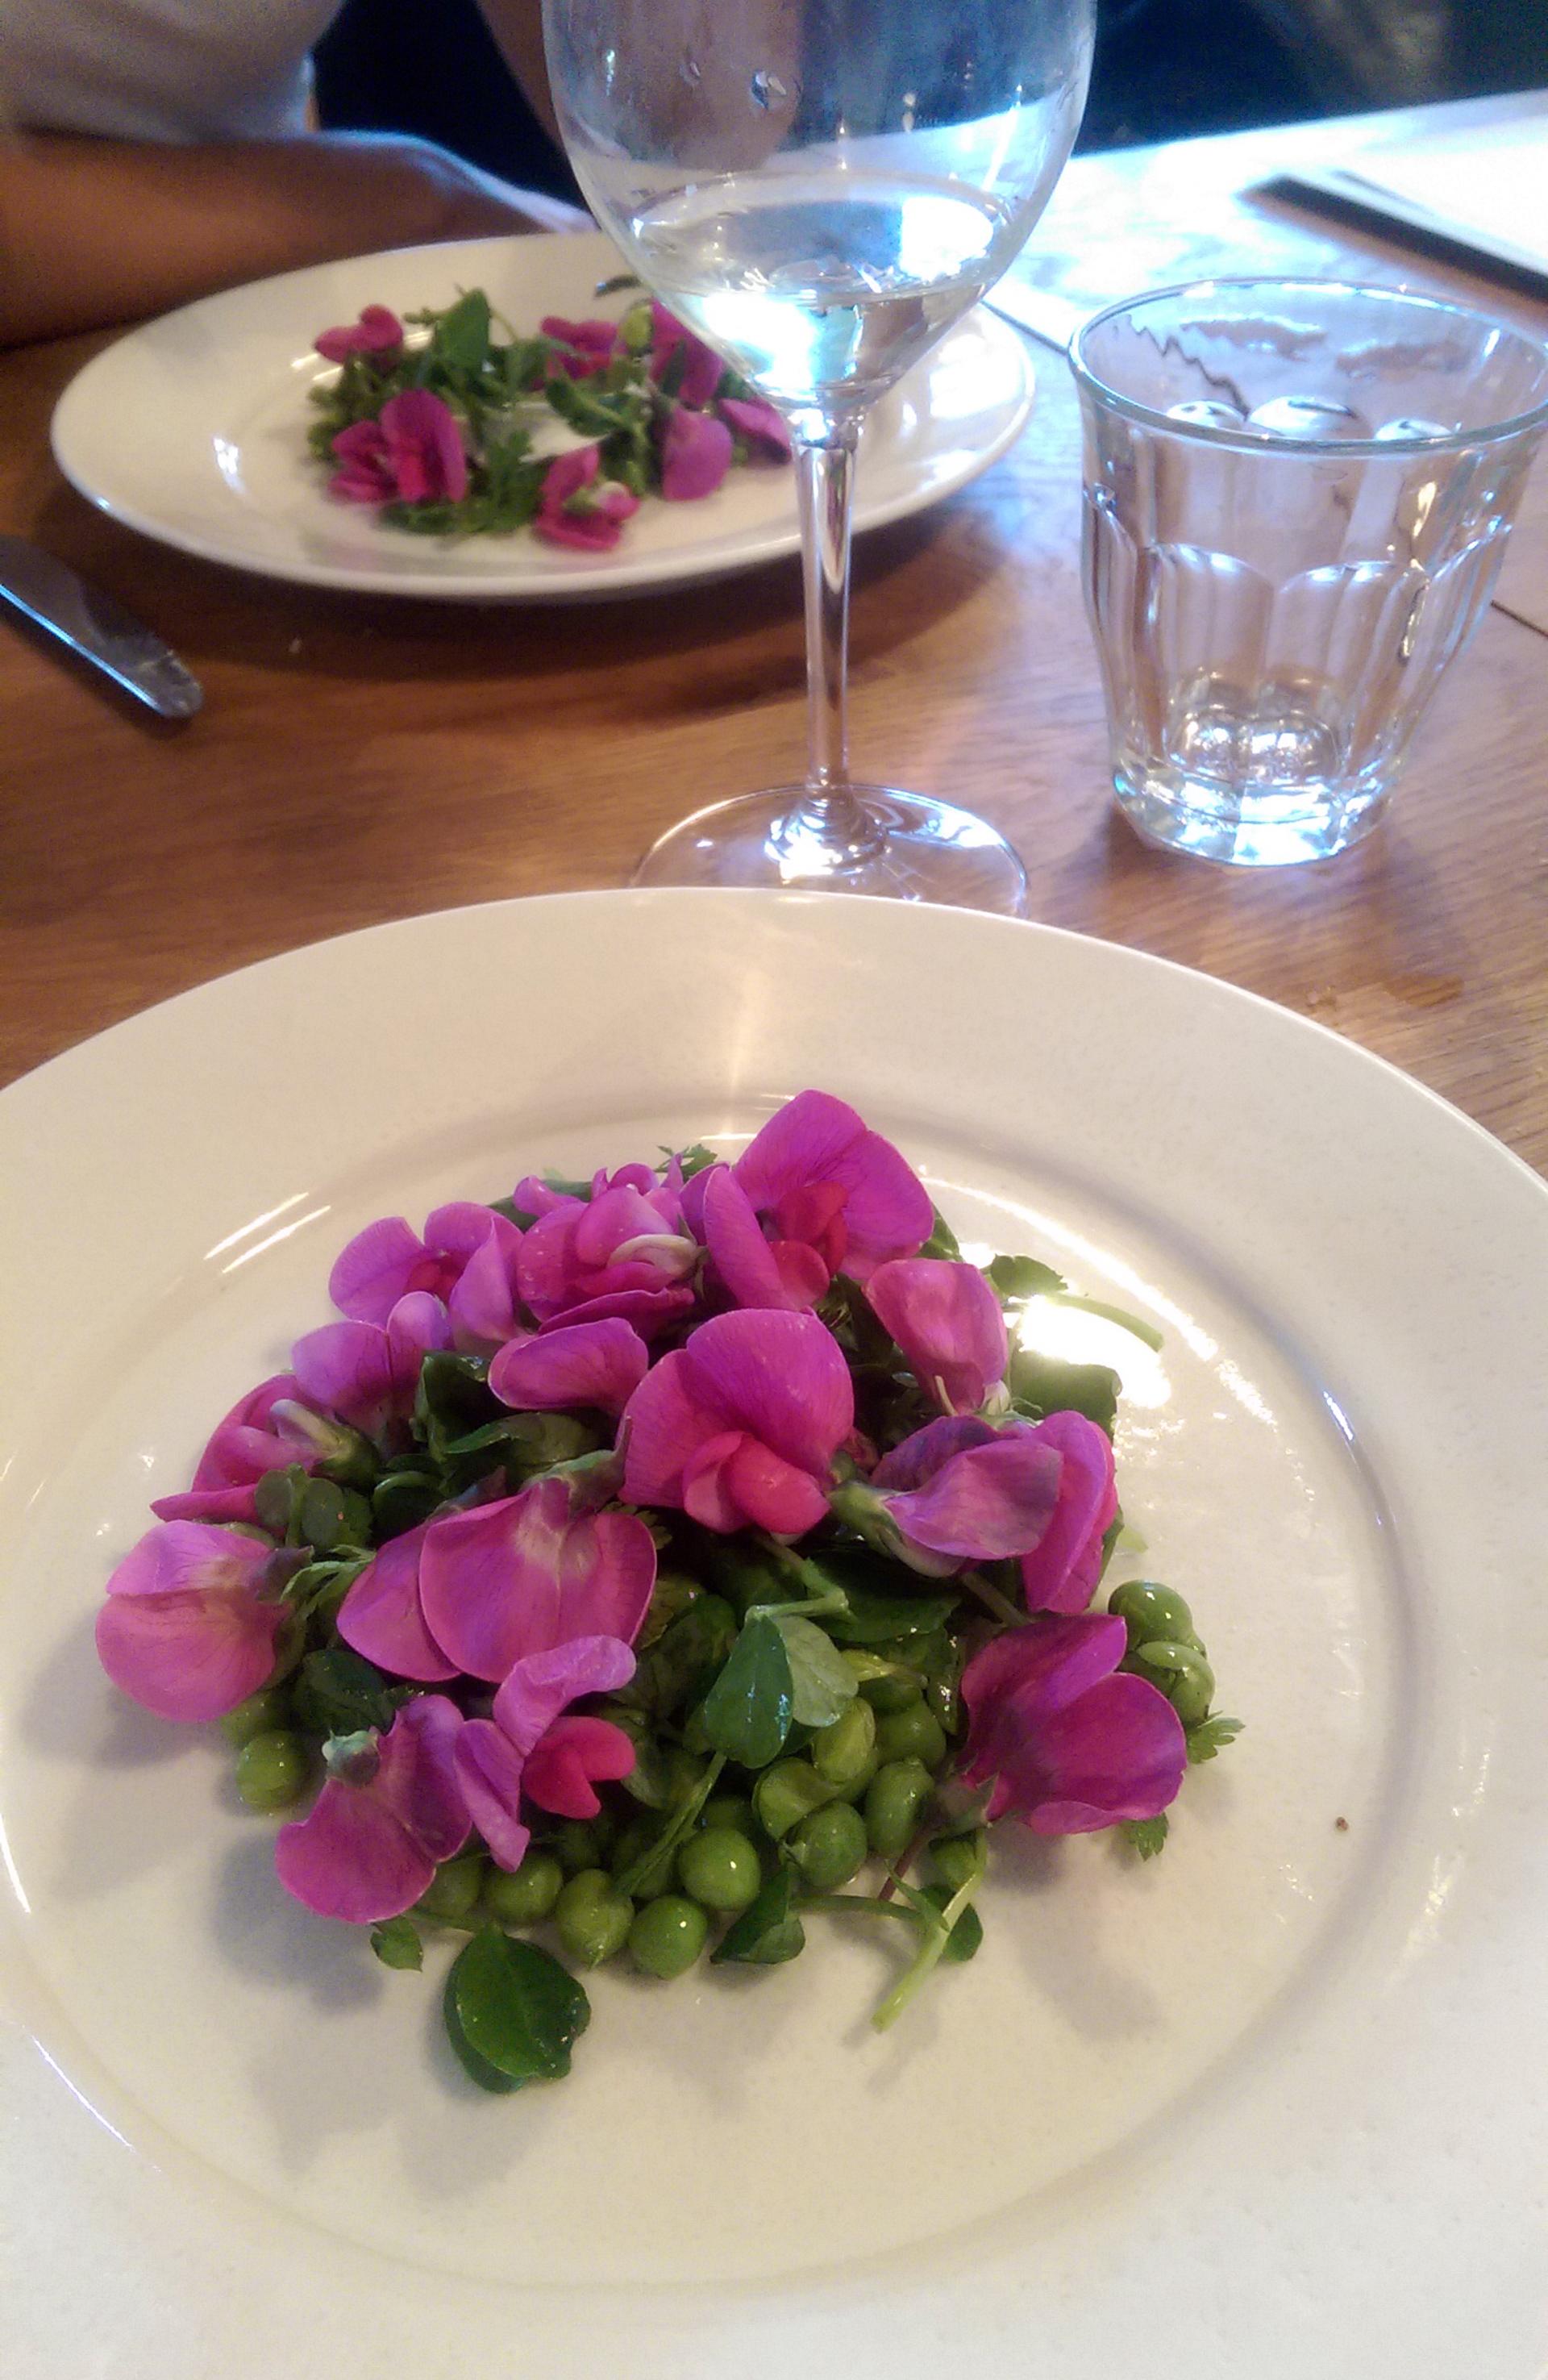 Lyle's-pea-salad